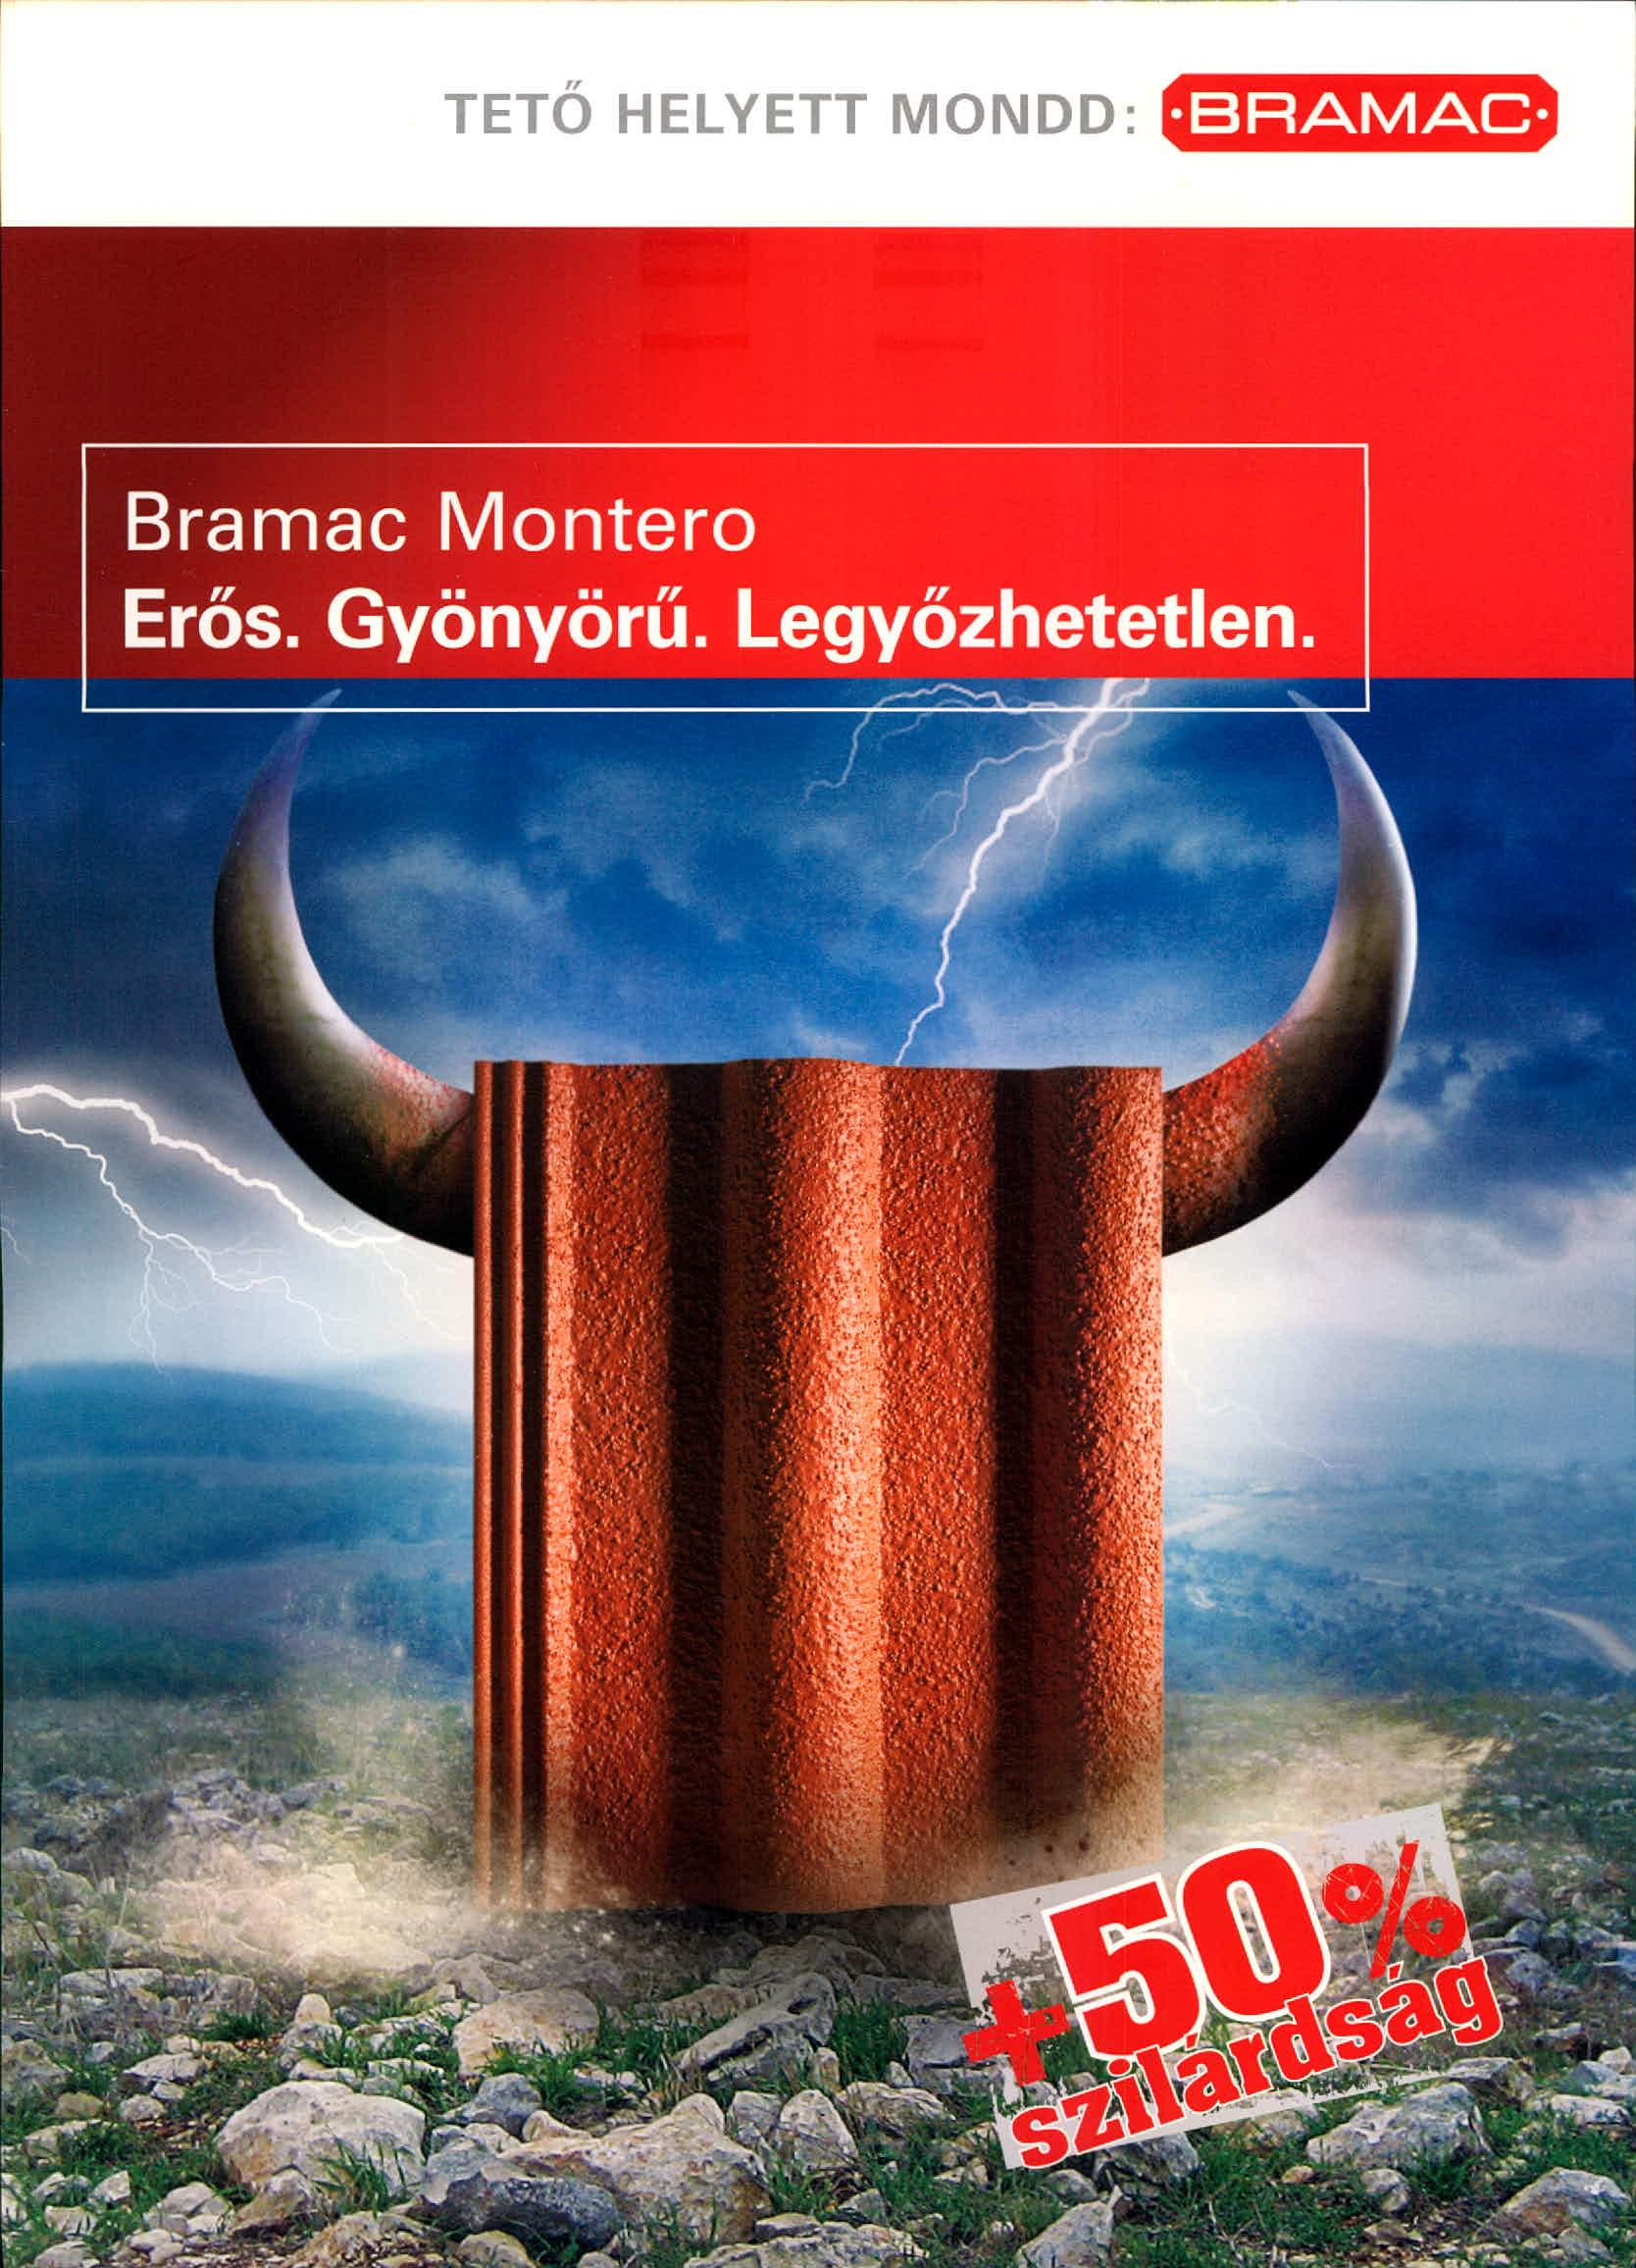 Bramac Montero tetőcserép